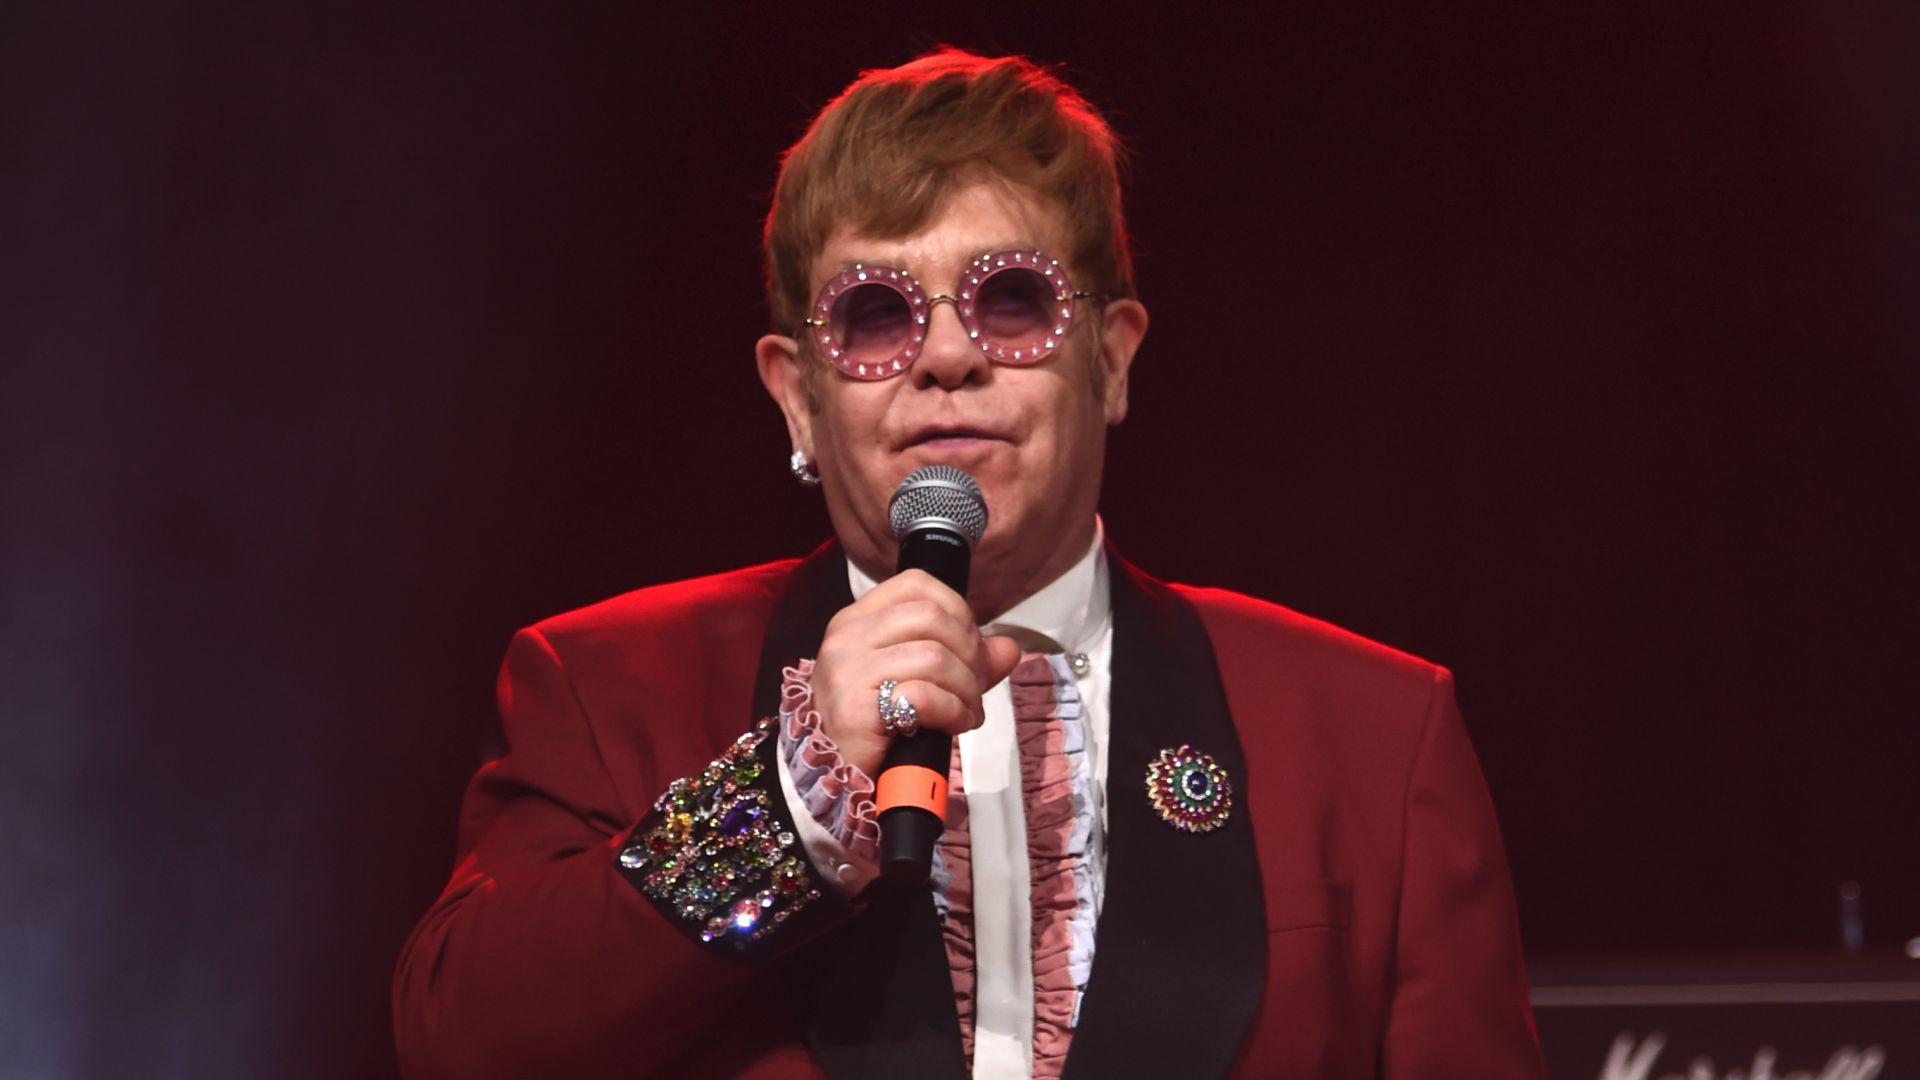 Елтън Джон тръгва на турне във Великобритания през 2020 г.